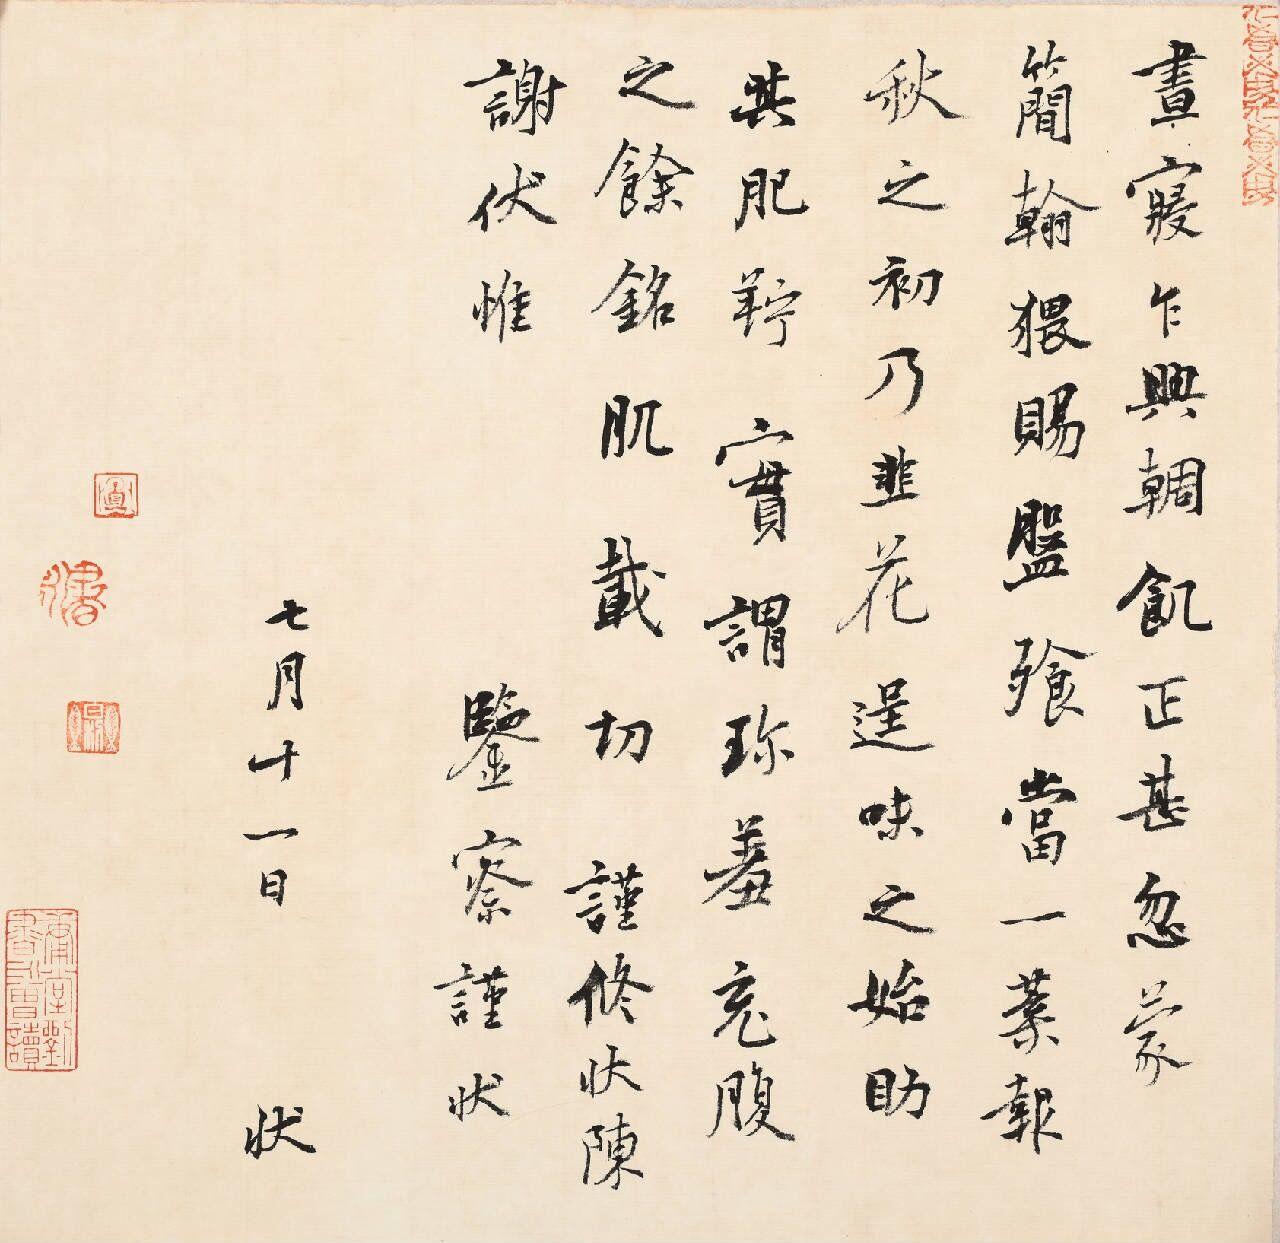 《纸上生涯》刘述勇书法作品展即将开幕